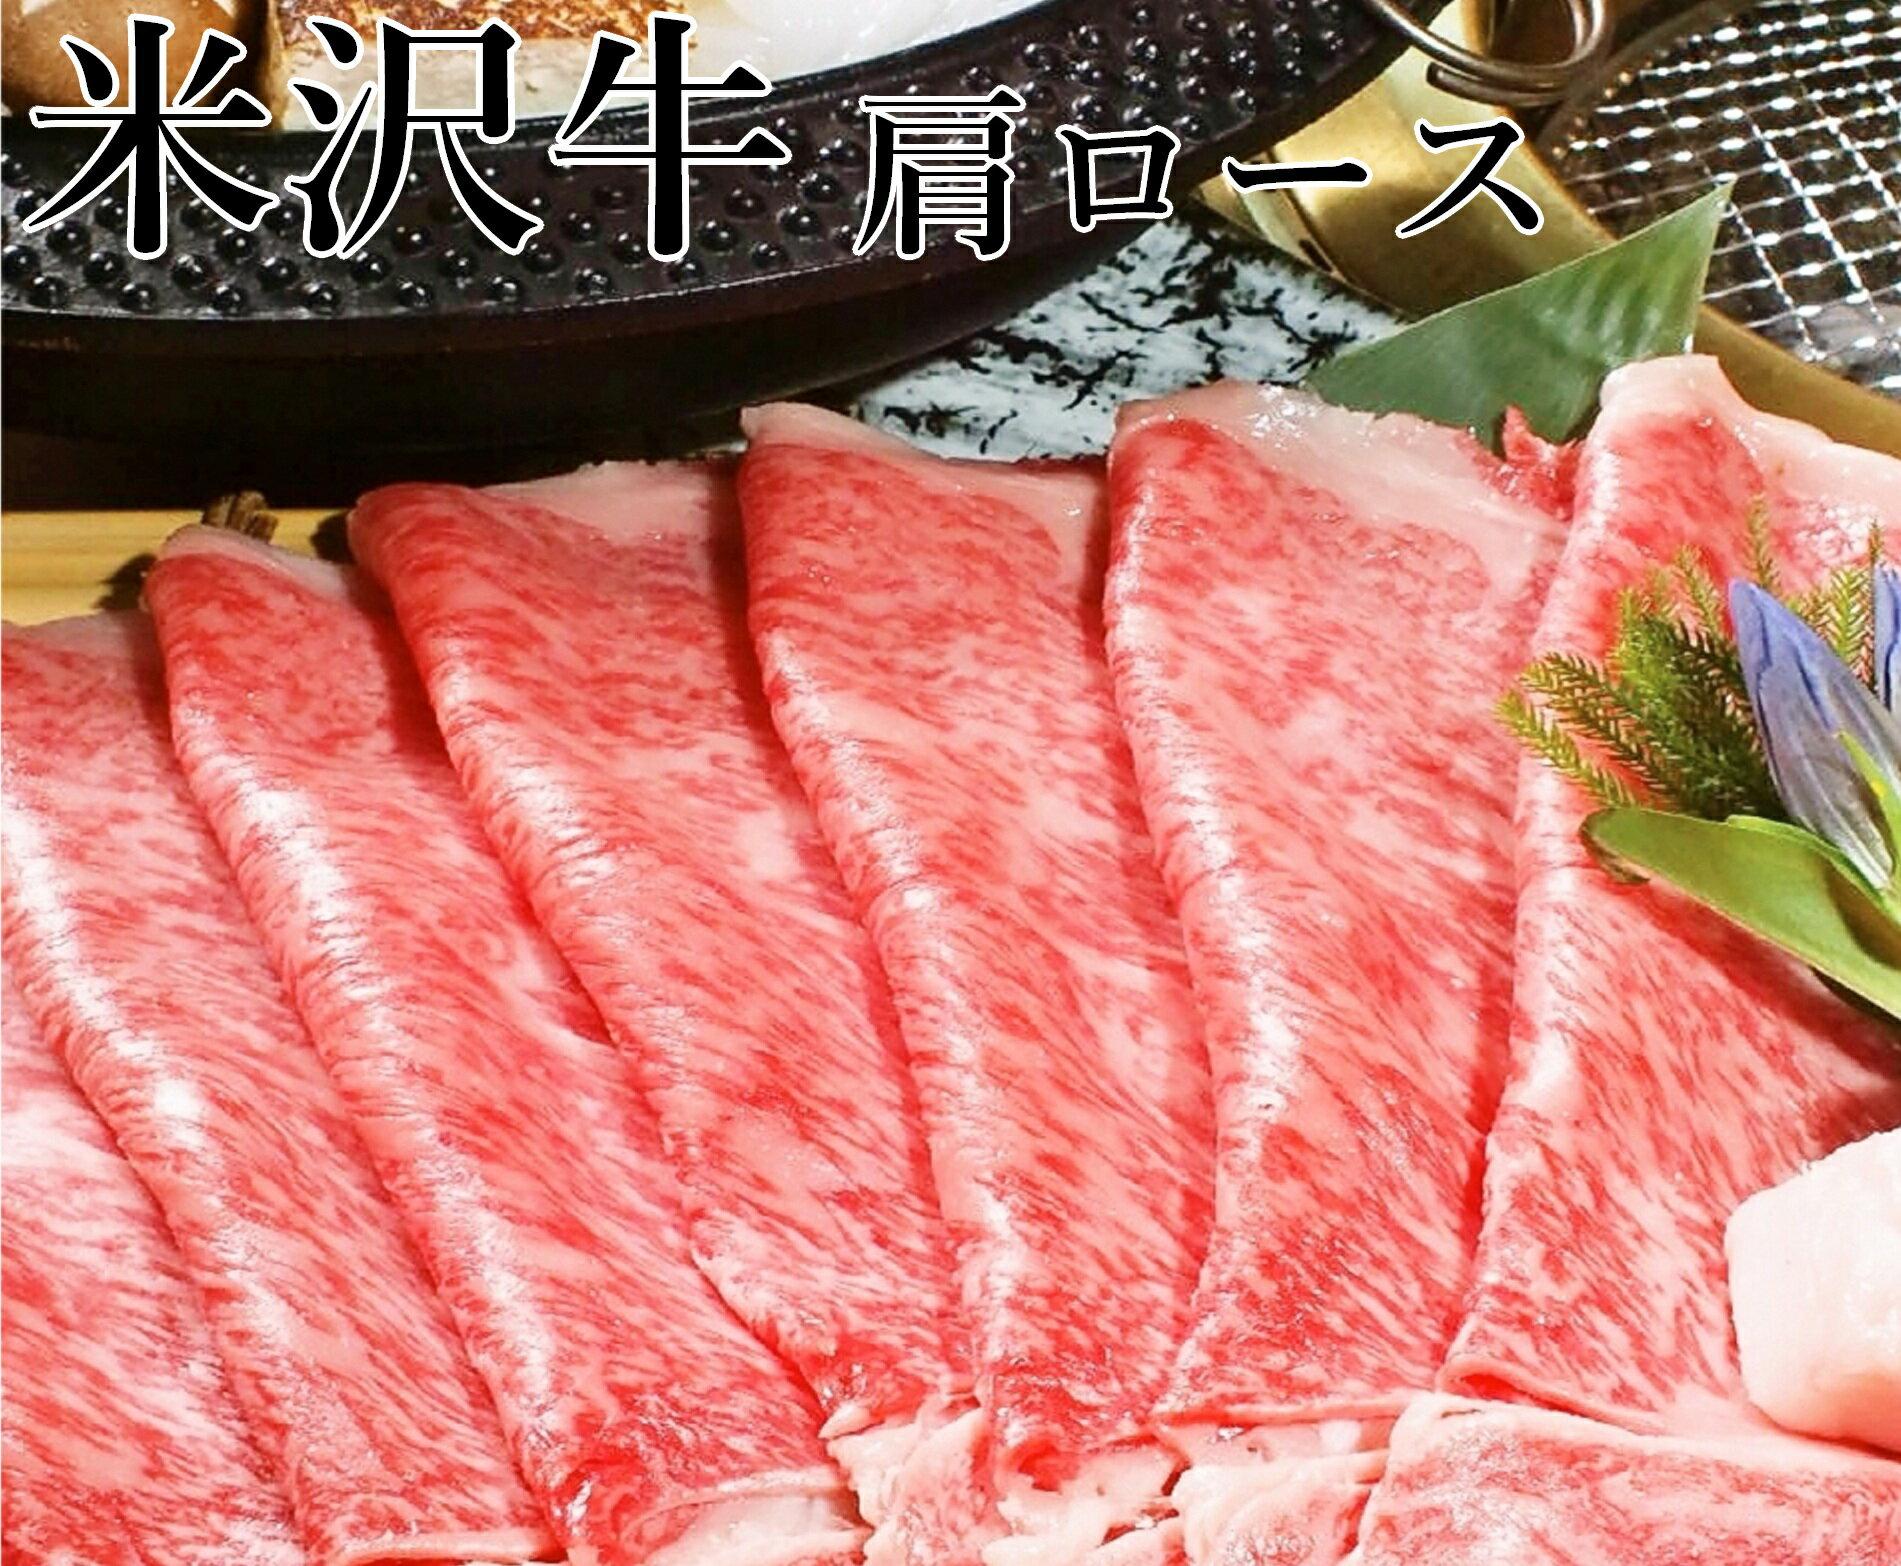 牛肉, 肩ロース  400g